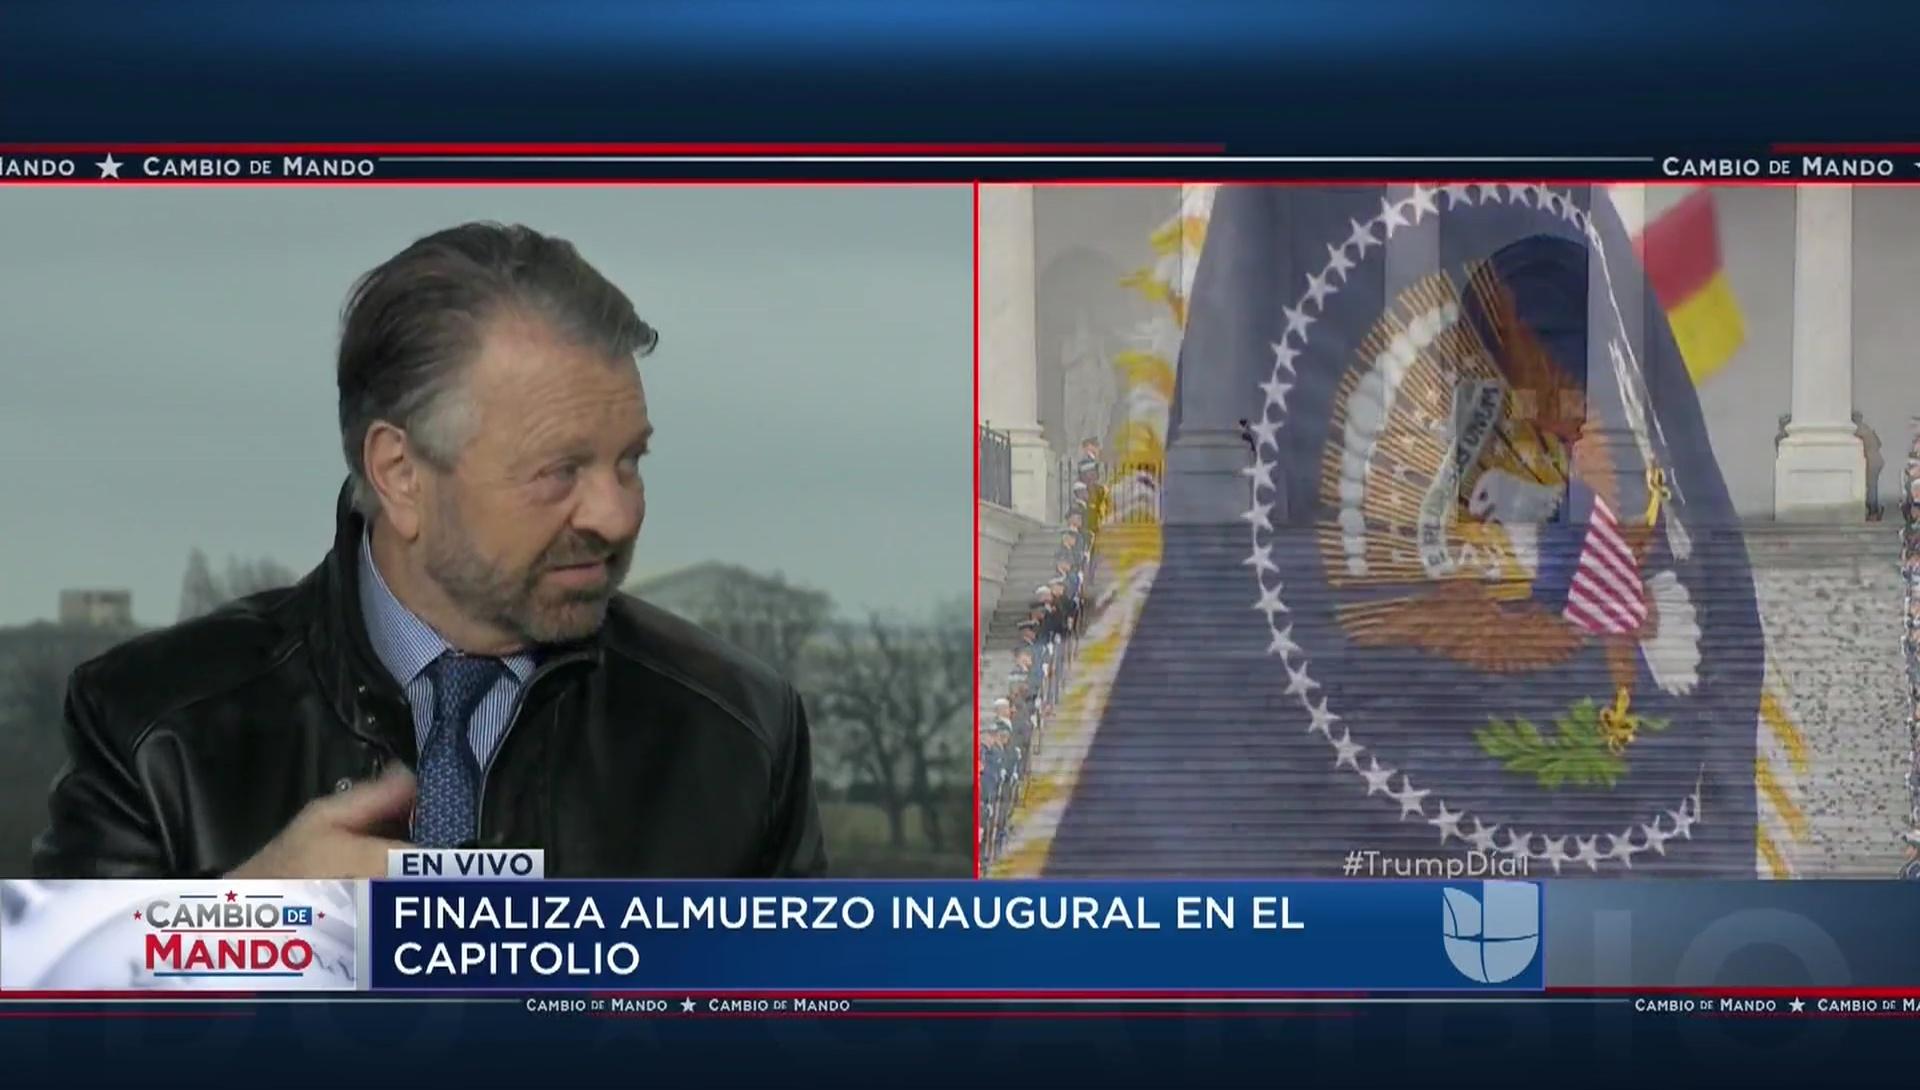 ¿Cuáles serían las consecuencias si Donald Trump decide terminar el Tratado de Libre Comercio con México?